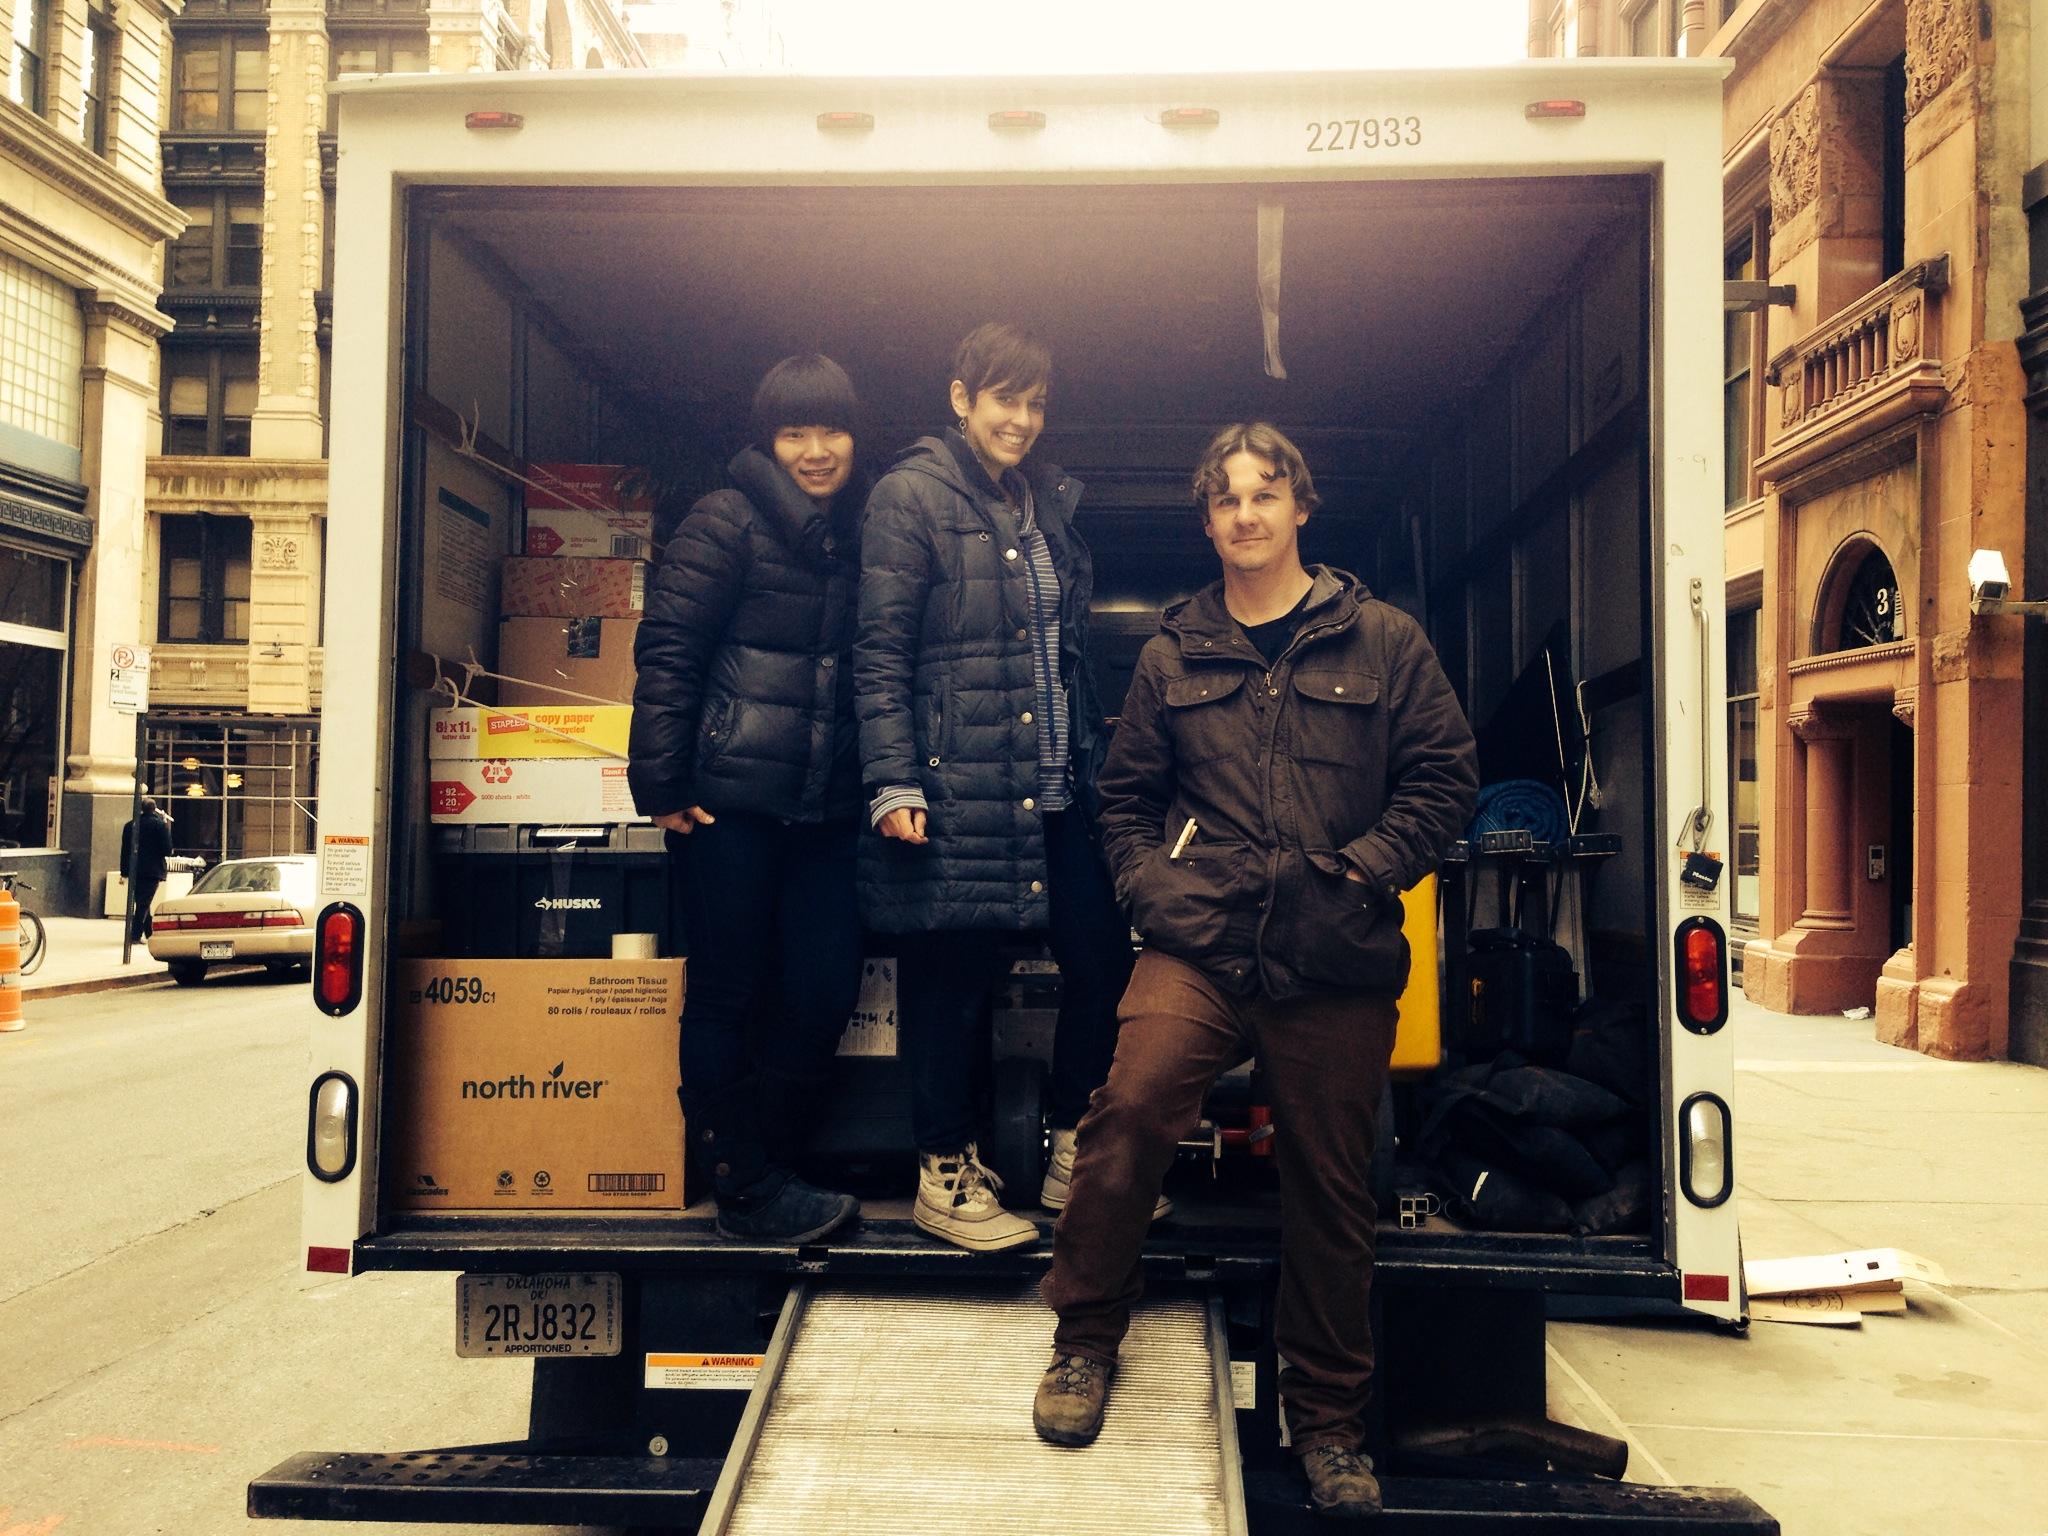 Production Designer: Hui Chen; Me; Cinematographer: Toby Petch